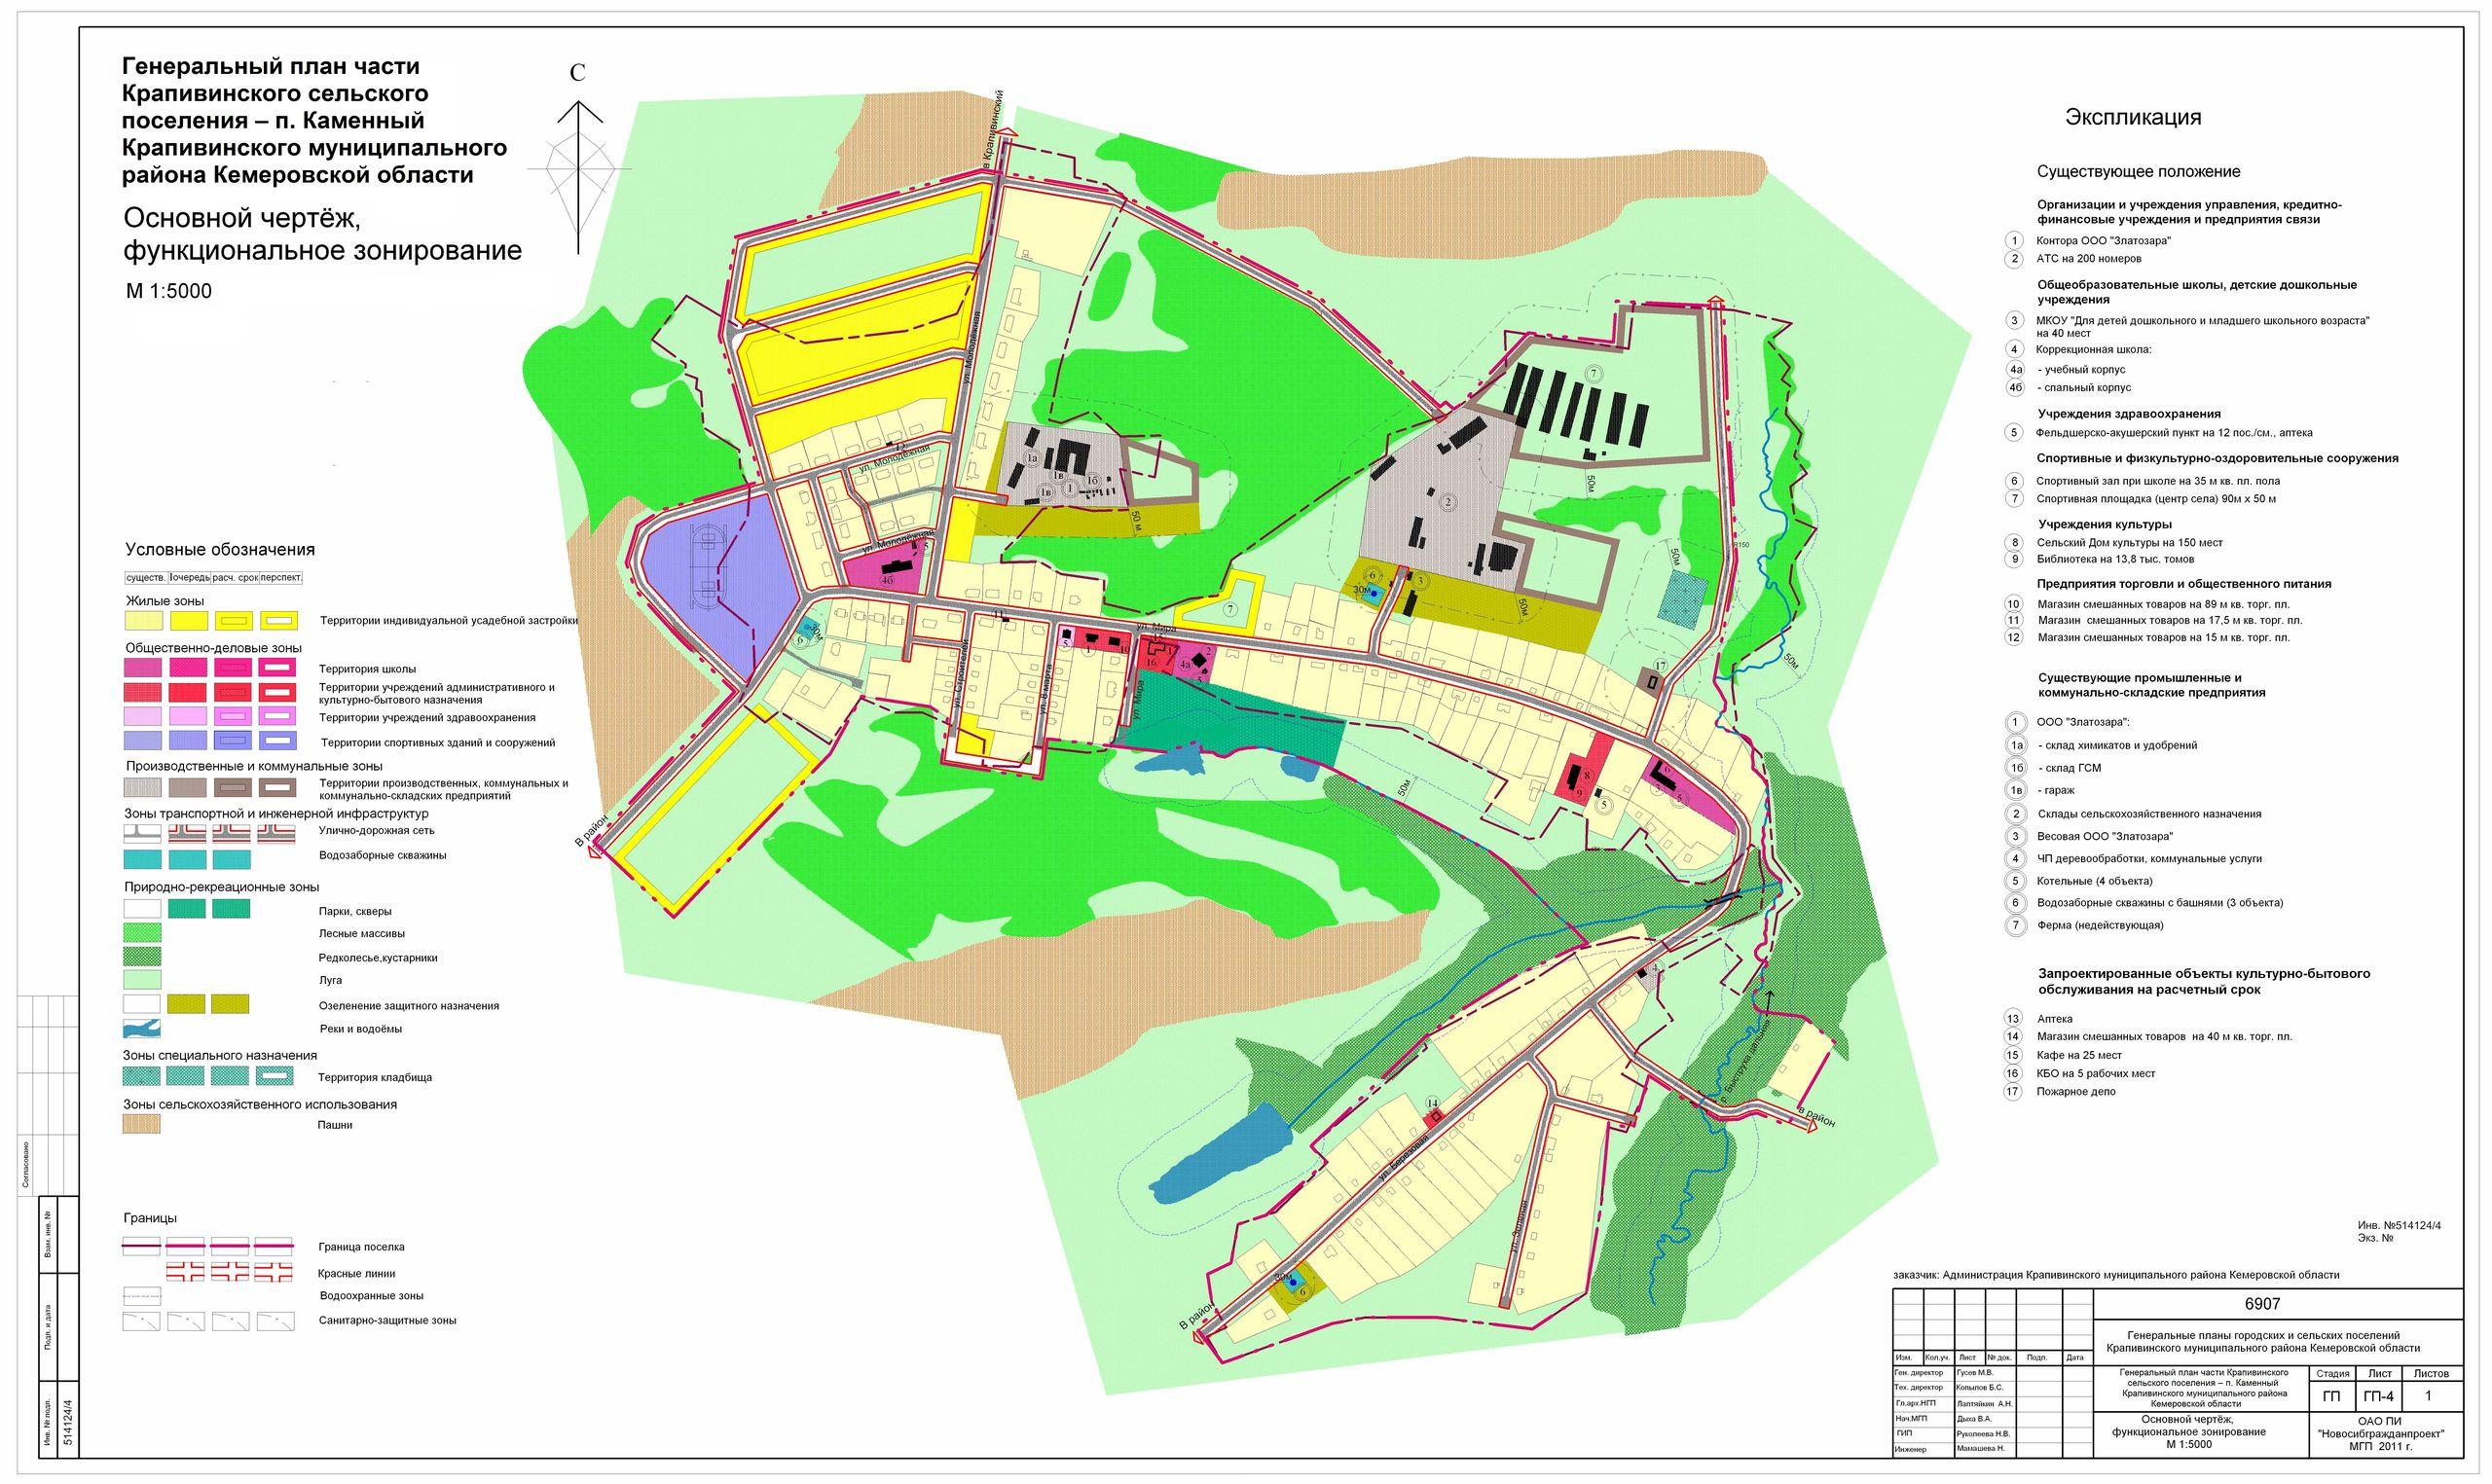 Схема канализации г.кемерово